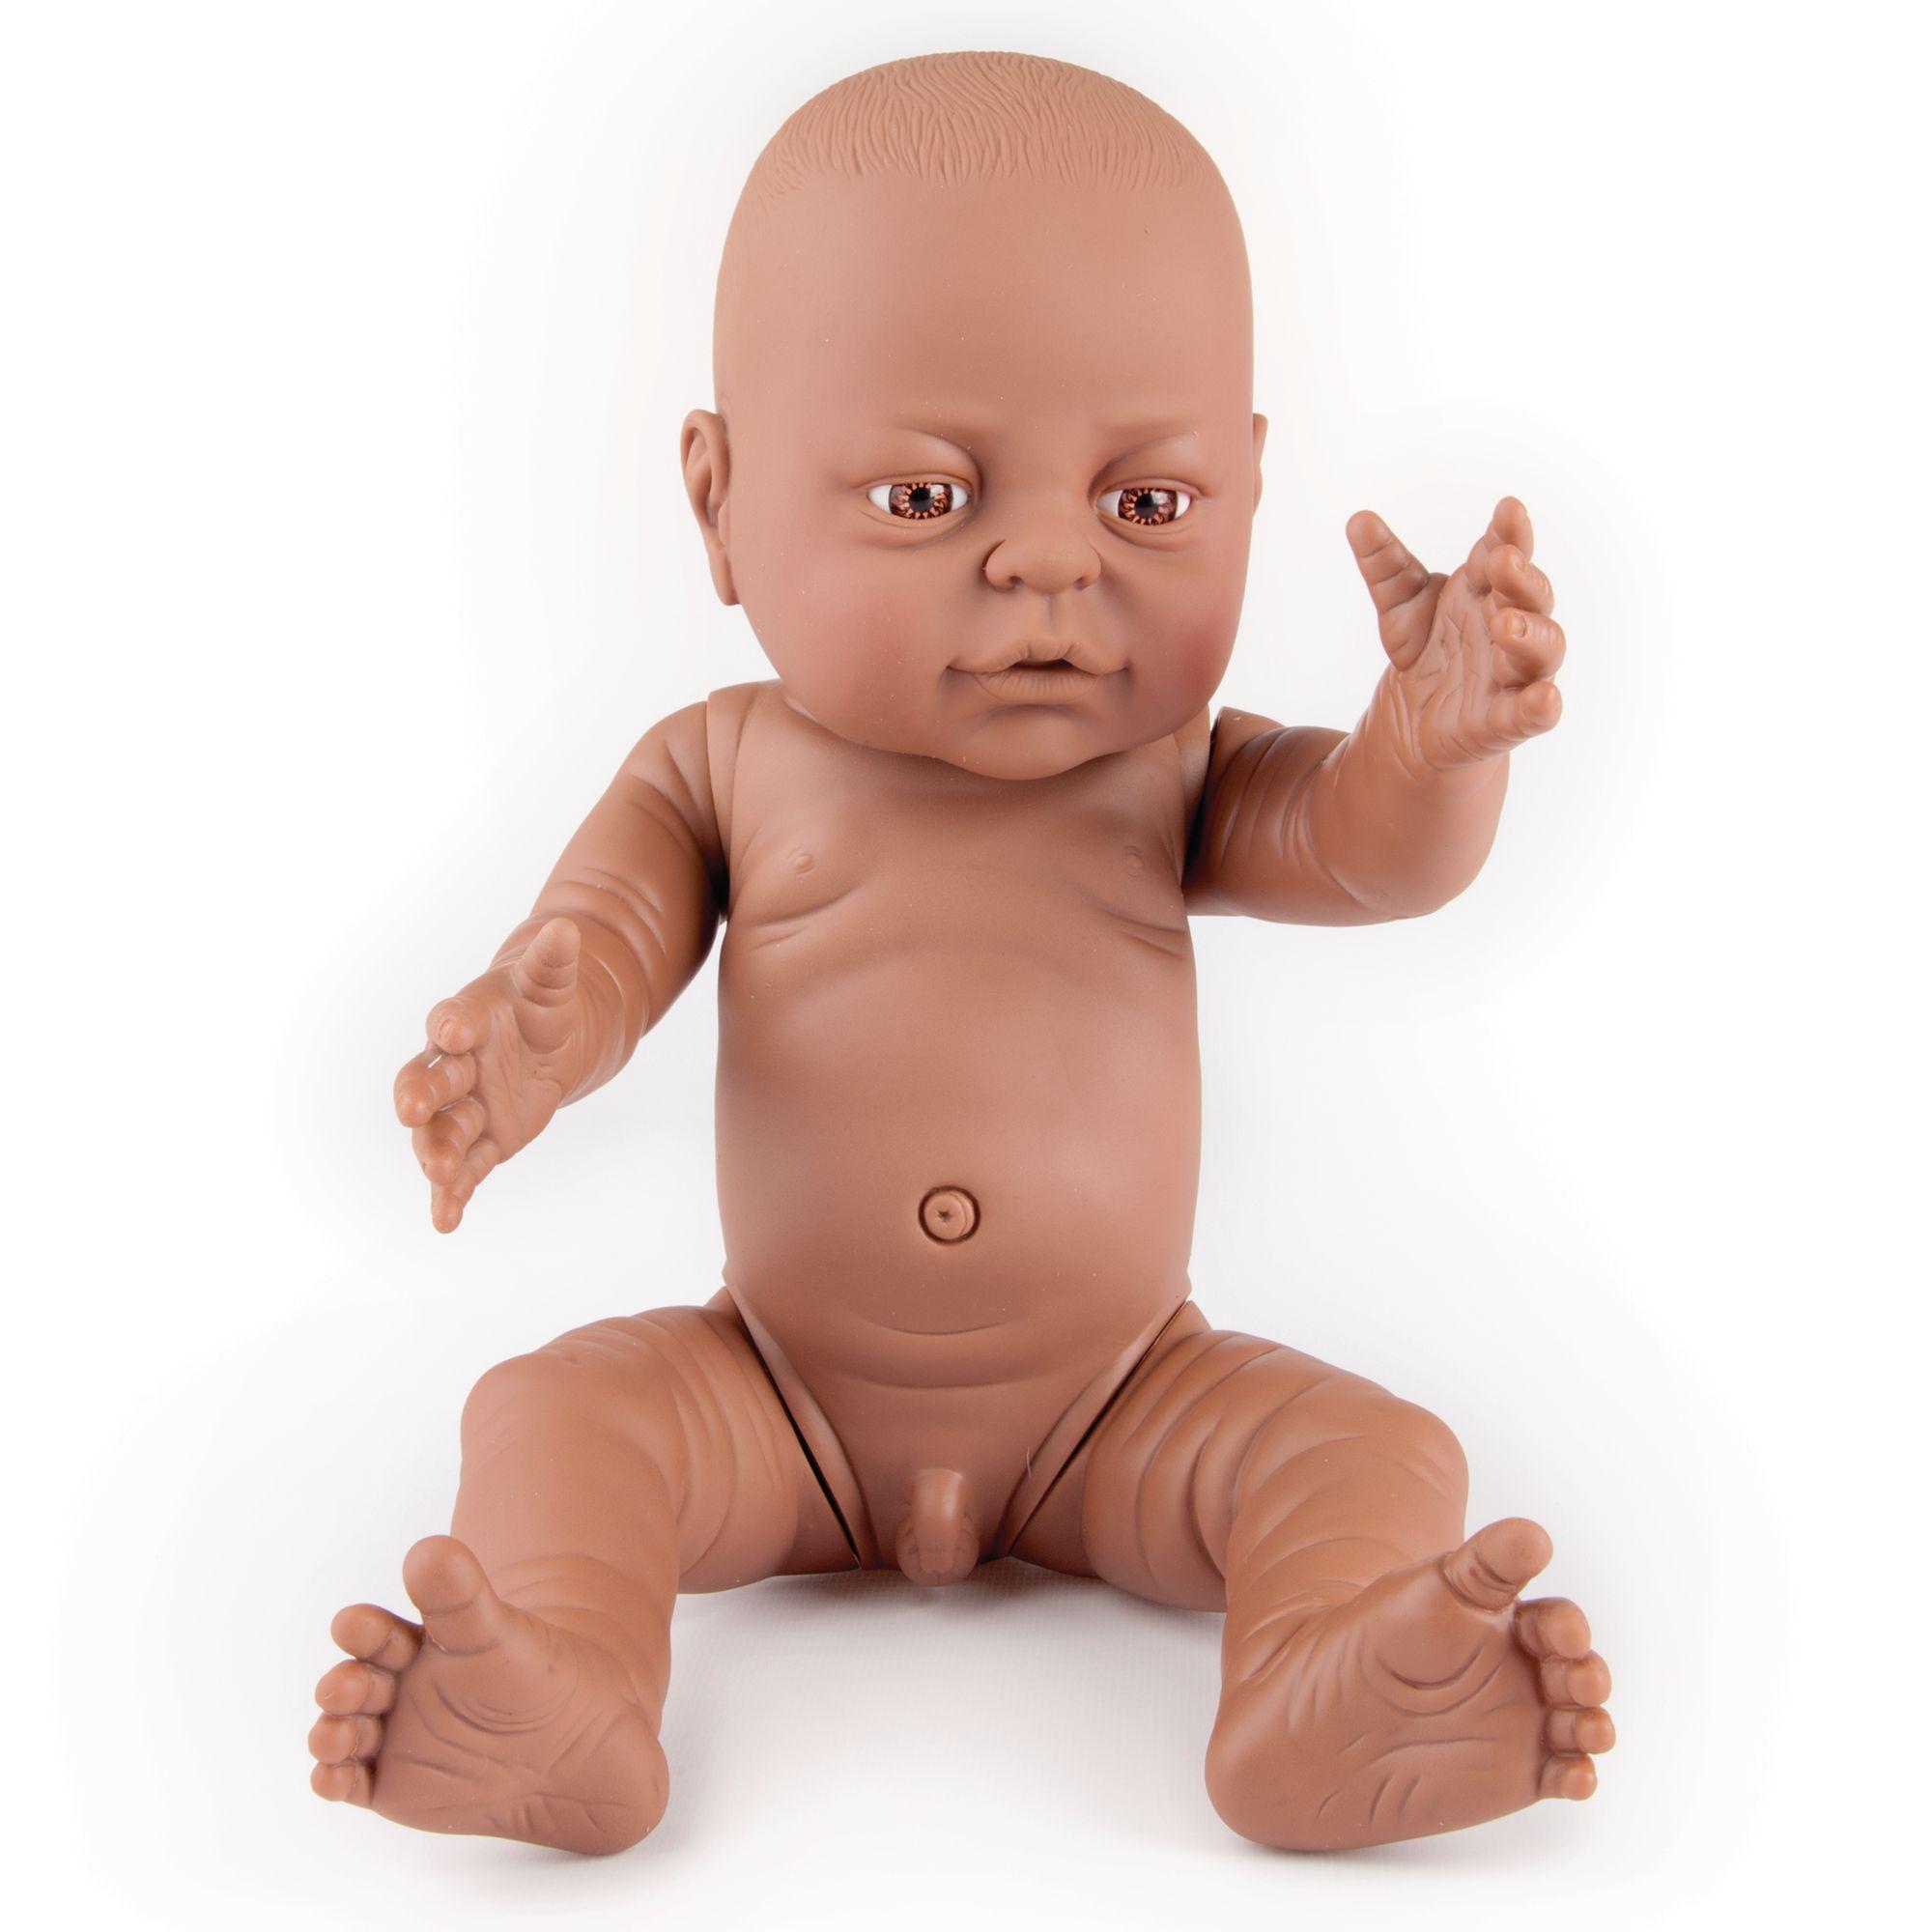 Newborn baby doll black boy gls educational supplies